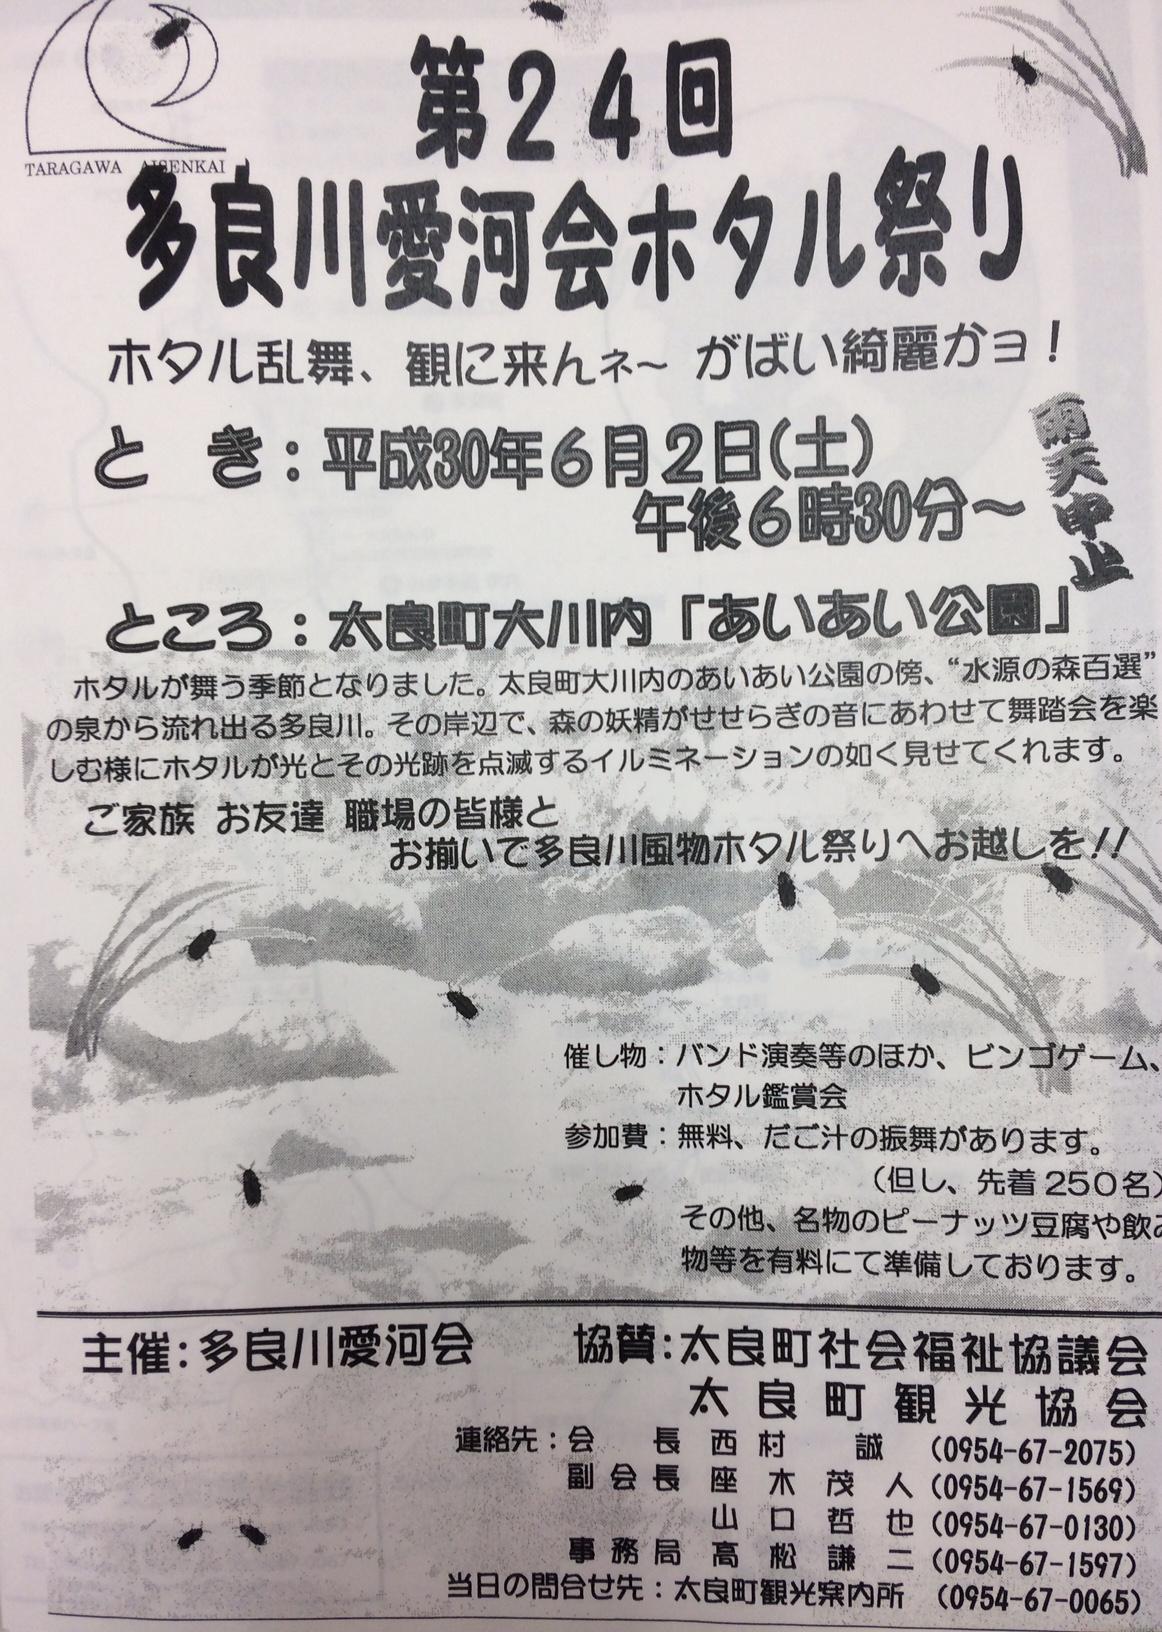 平成30年度ホタル祭り